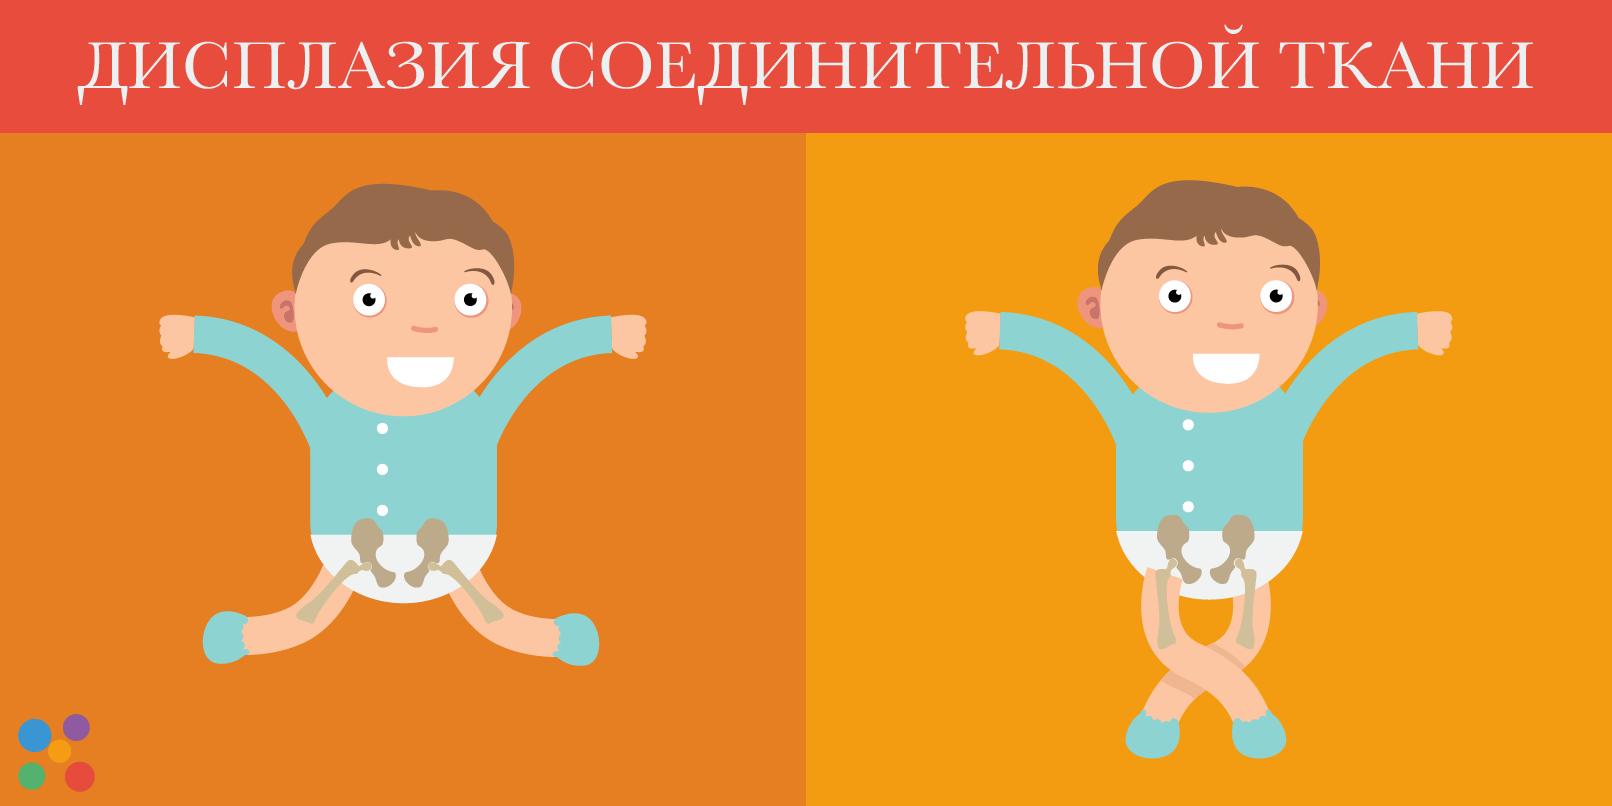 Дисплазия соединительной ткани у детей: симптомы и лечение